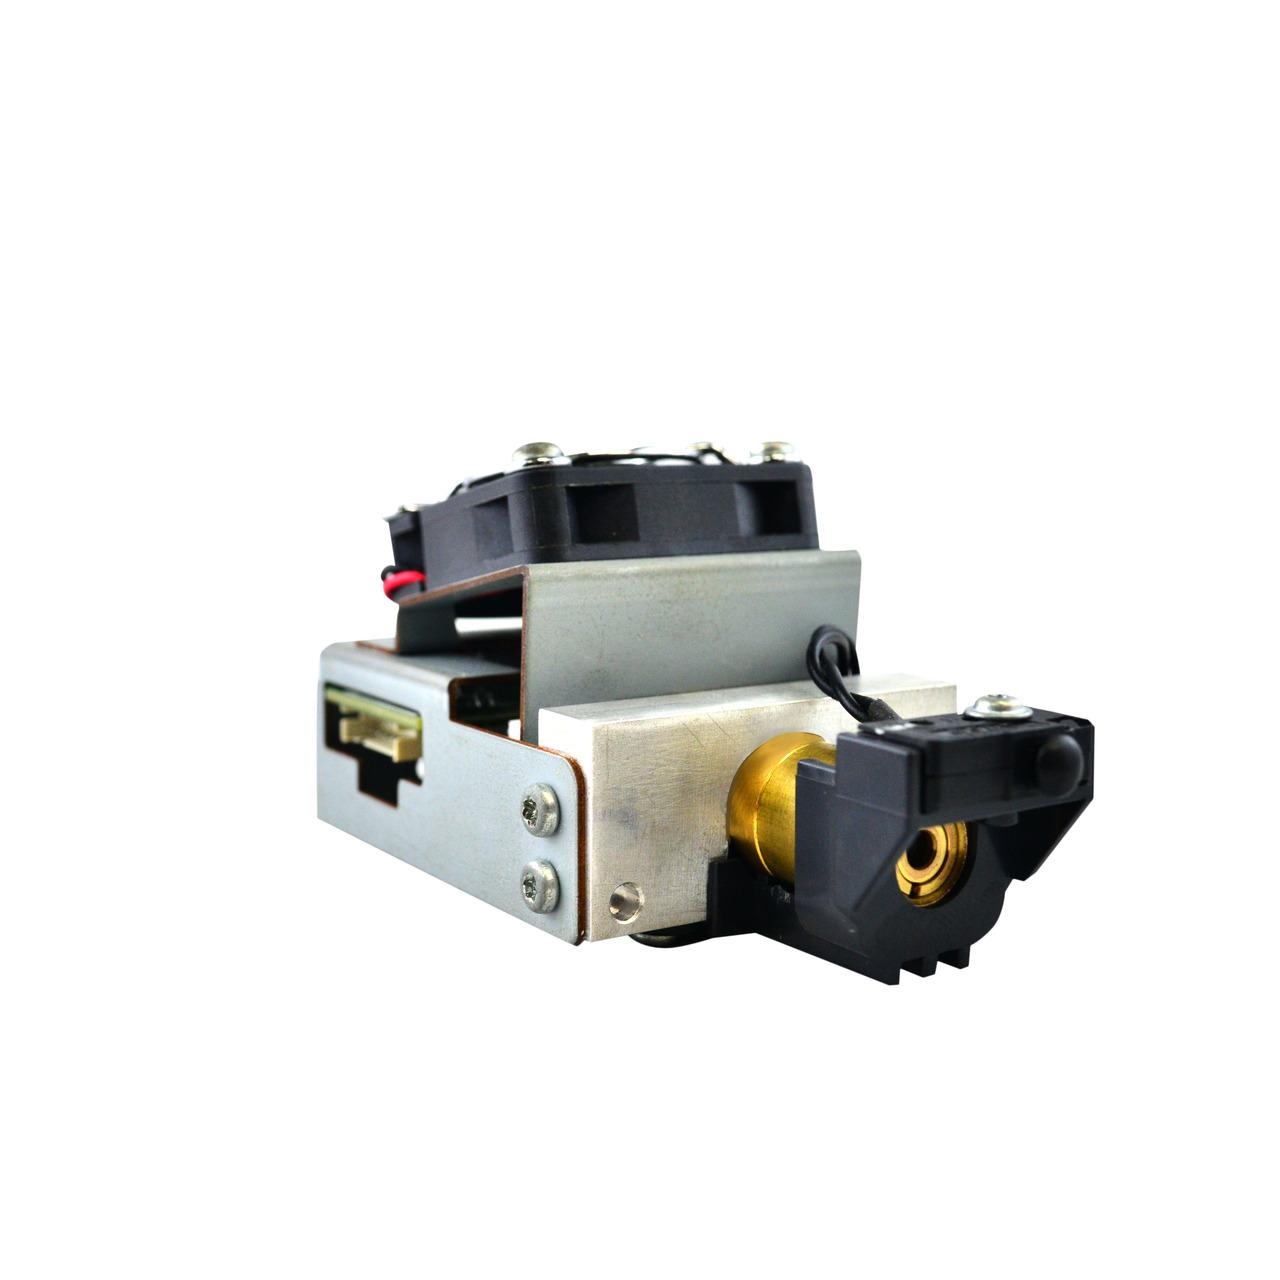 XYZprinting Lasergravierer für 3D-Drucker da Vinci 1-0 Pro und da Vinci 1-0 Pro 3in1